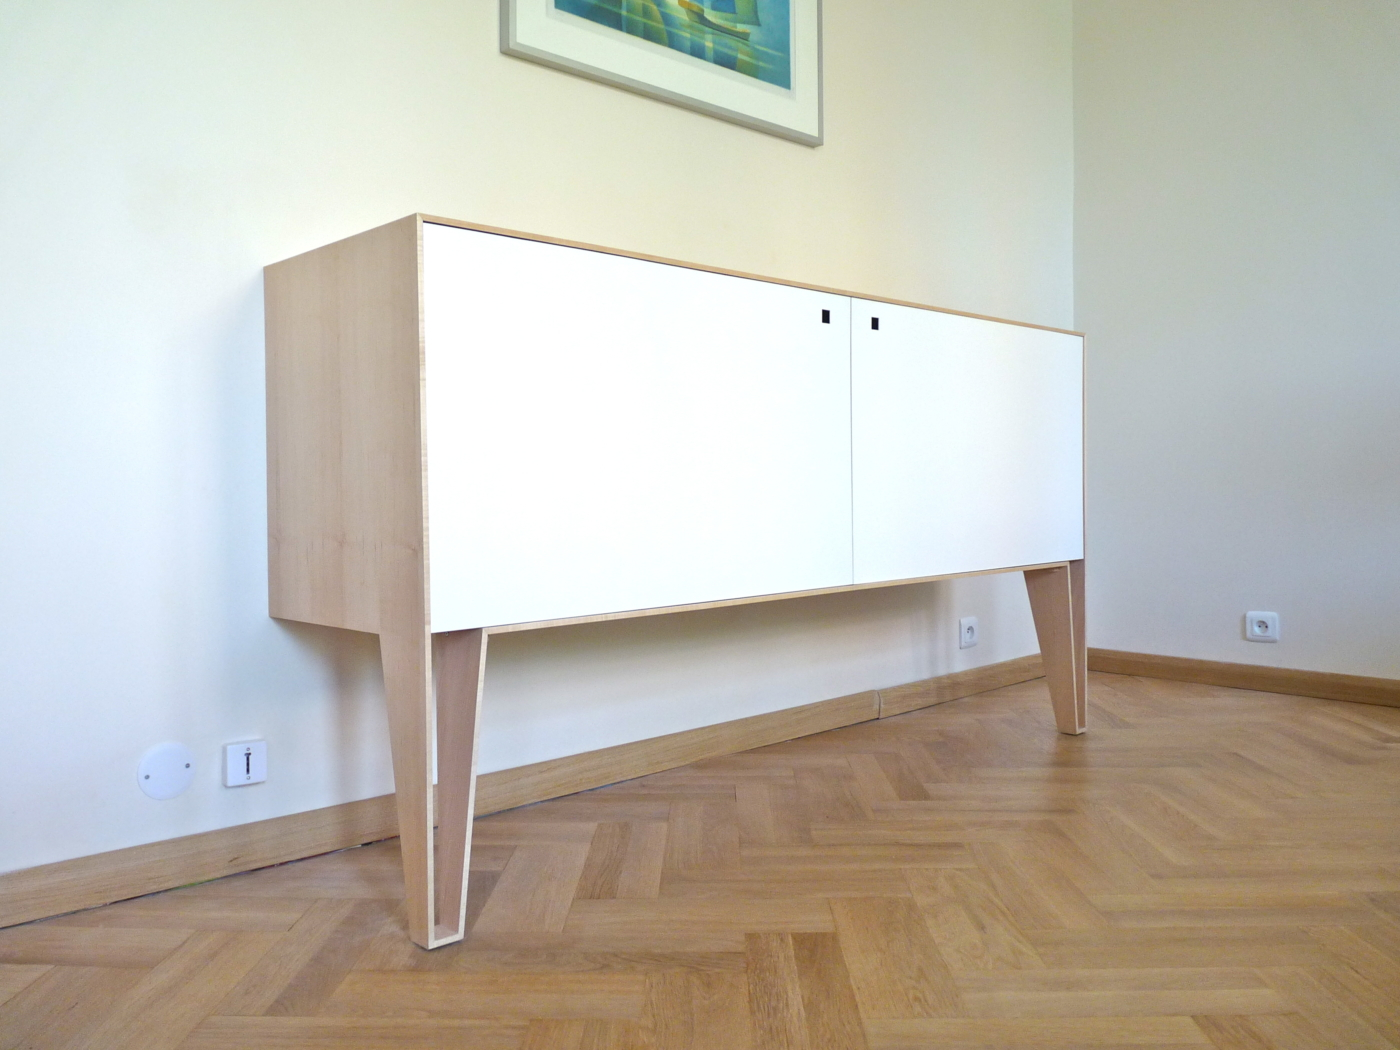 buffet loft white un mobilier dessiné et conçu sur mesure par le studio superstrate - bois d'érable et aluminium laqué blanc